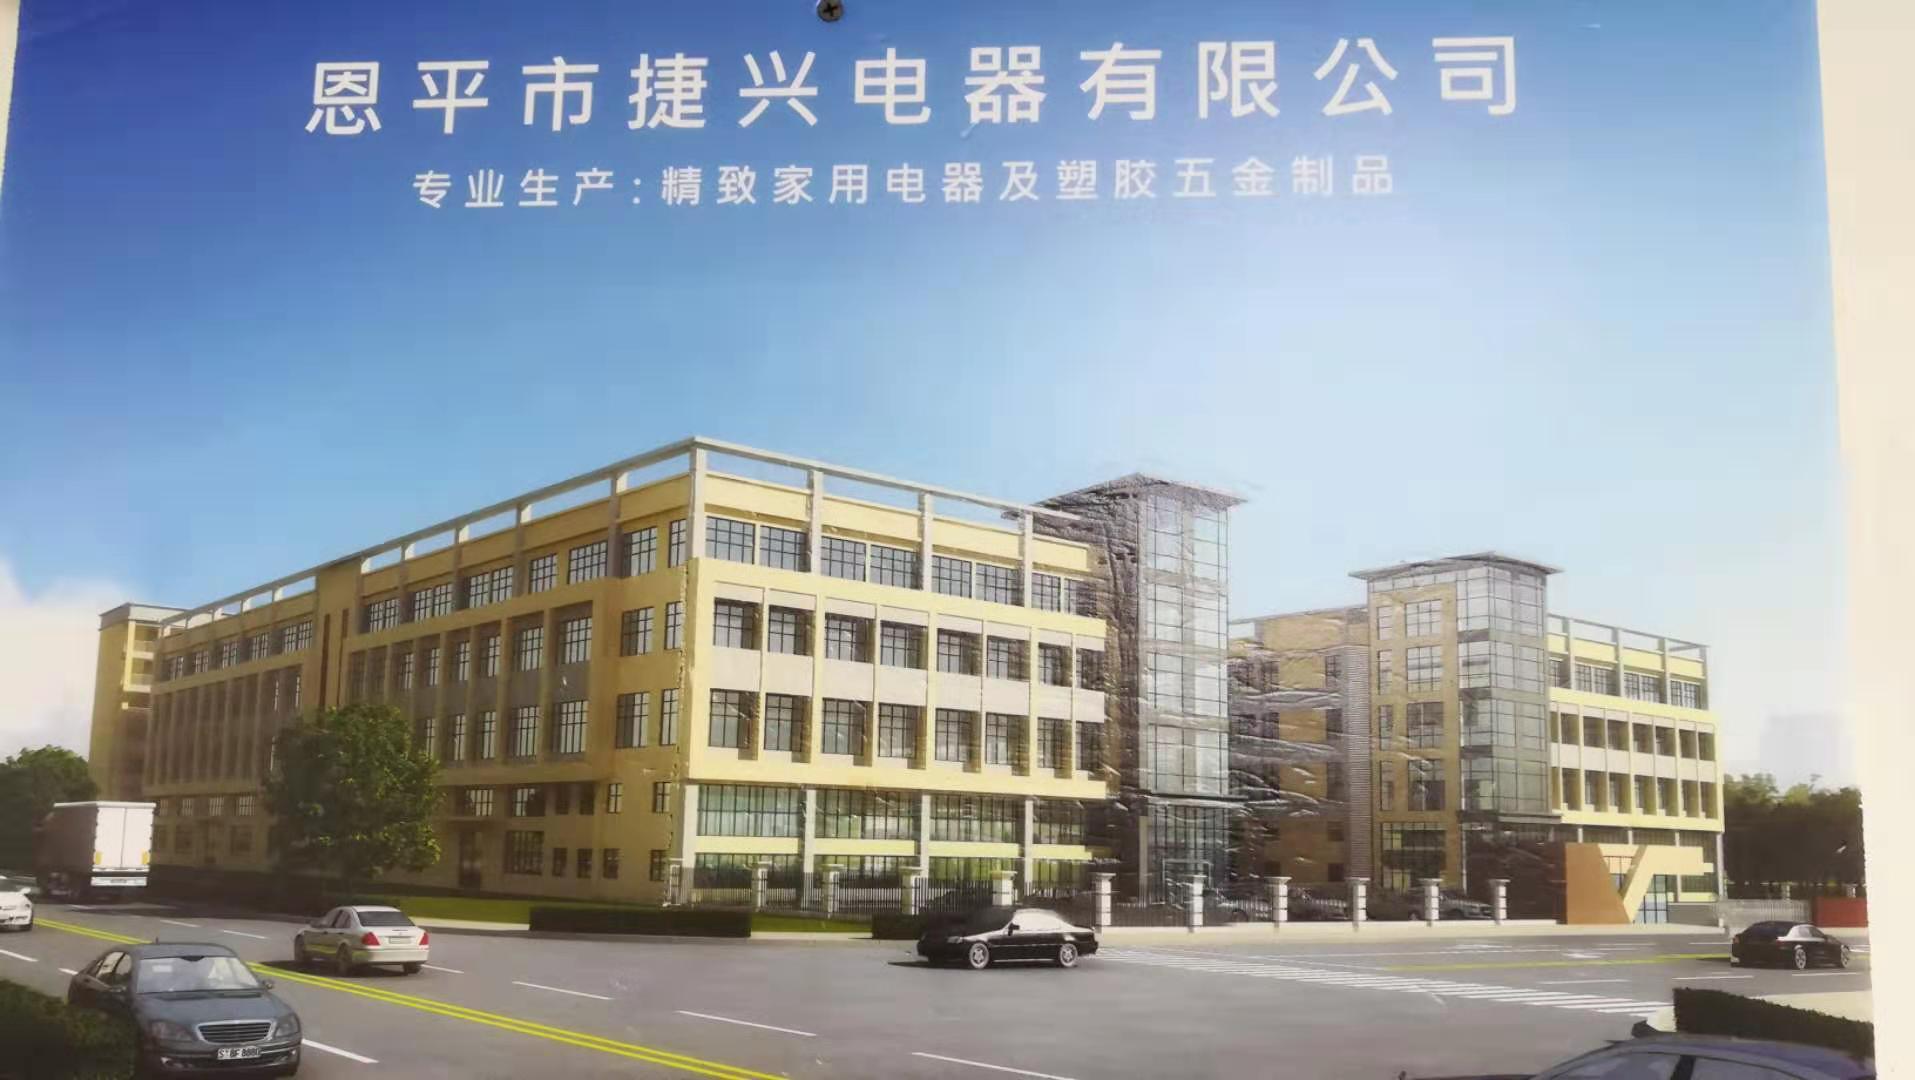 恩平市捷興電器有限公司_才通國際人才網_job001.cn